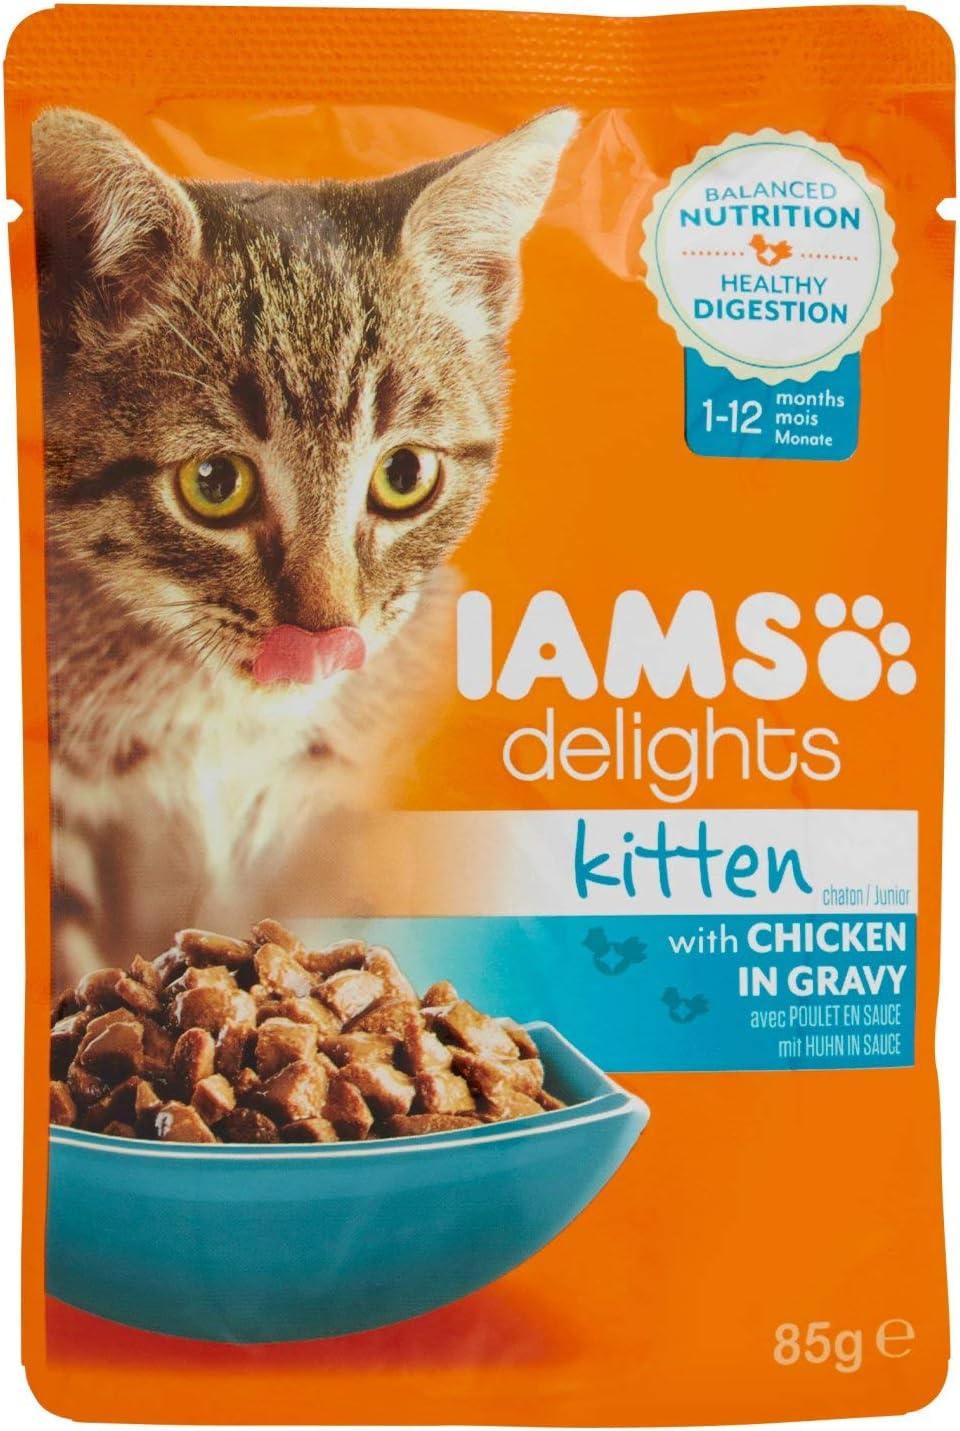 Iams Kitten Delights Chicken Gravy 85 G Amazon Co Uk Pet Supplies